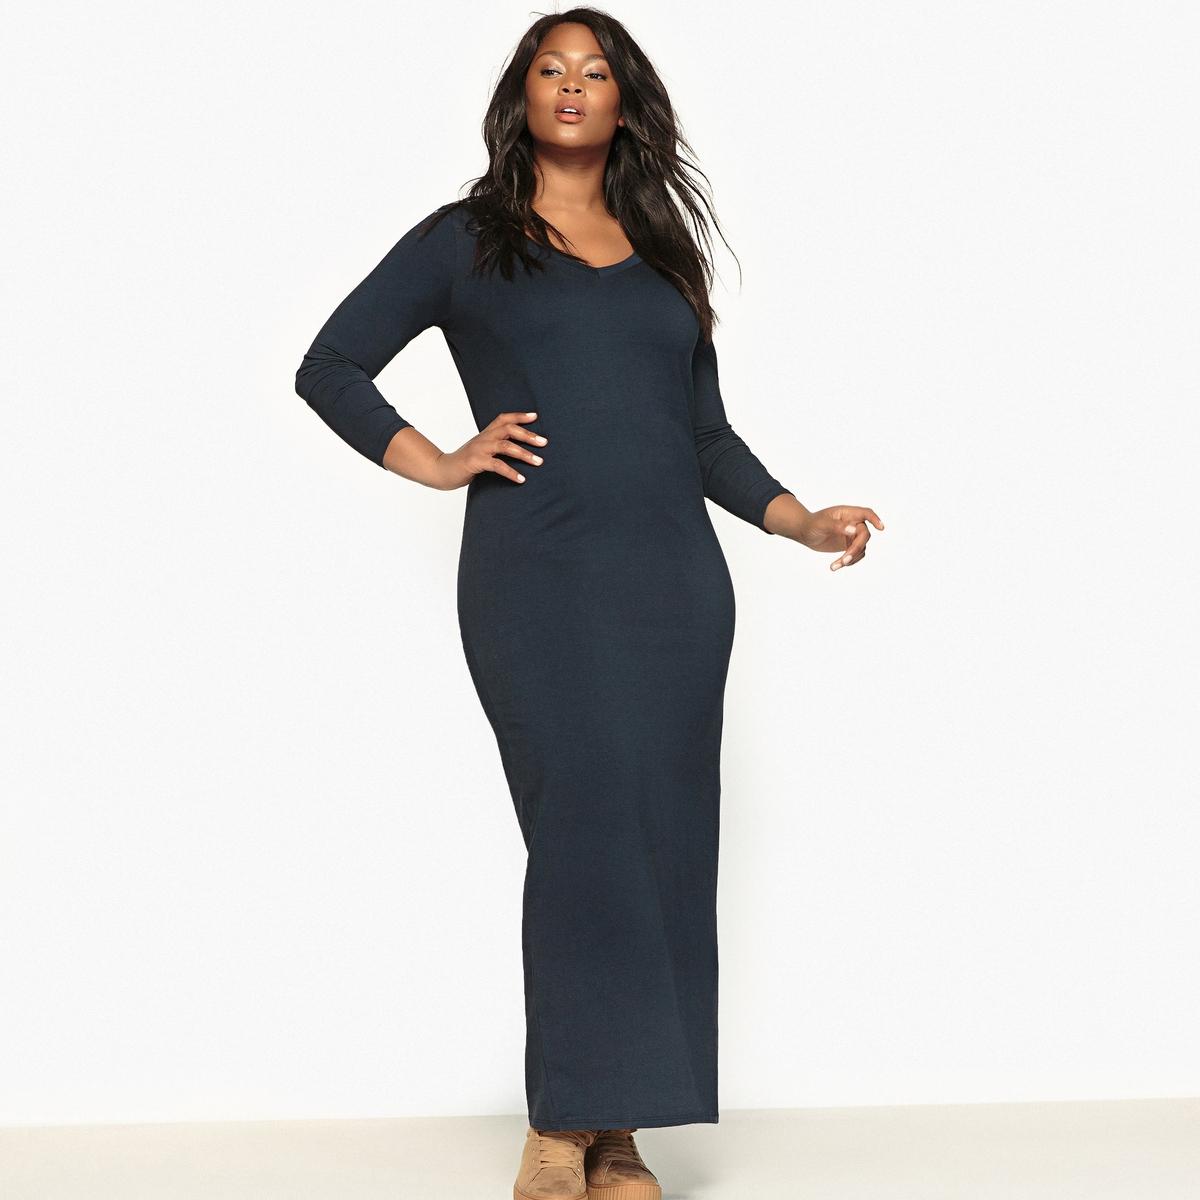 Платье длинное трикотажное с длинными рукавамиОчень женственное длинное платье из мягкого и струящегося трикотажа .Это длинное платье можно носить по любому случаю. Очаровательный V-образный вырез спереди и сзади.Детали  •  Форма : МАКСИ •  Удлиненная модель  •  Длинные рукава    •   V-образный вырез Состав и уход  •  48% хлопка, 4% эластана, 48% модала •  Стирать при 30° на деликатном режиме  •  Сухая чистка и отбеливание запрещены   •  Не использовать барабанную сушку  •  Низкая температура глажки Товар из коллекции больших размеров<br><br>Цвет: черный<br>Размер: 44 (FR) - 50 (RUS).46 (FR) - 52 (RUS).48 (FR) - 54 (RUS).58 (FR) - 64 (RUS).60 (FR) - 66 (RUS)